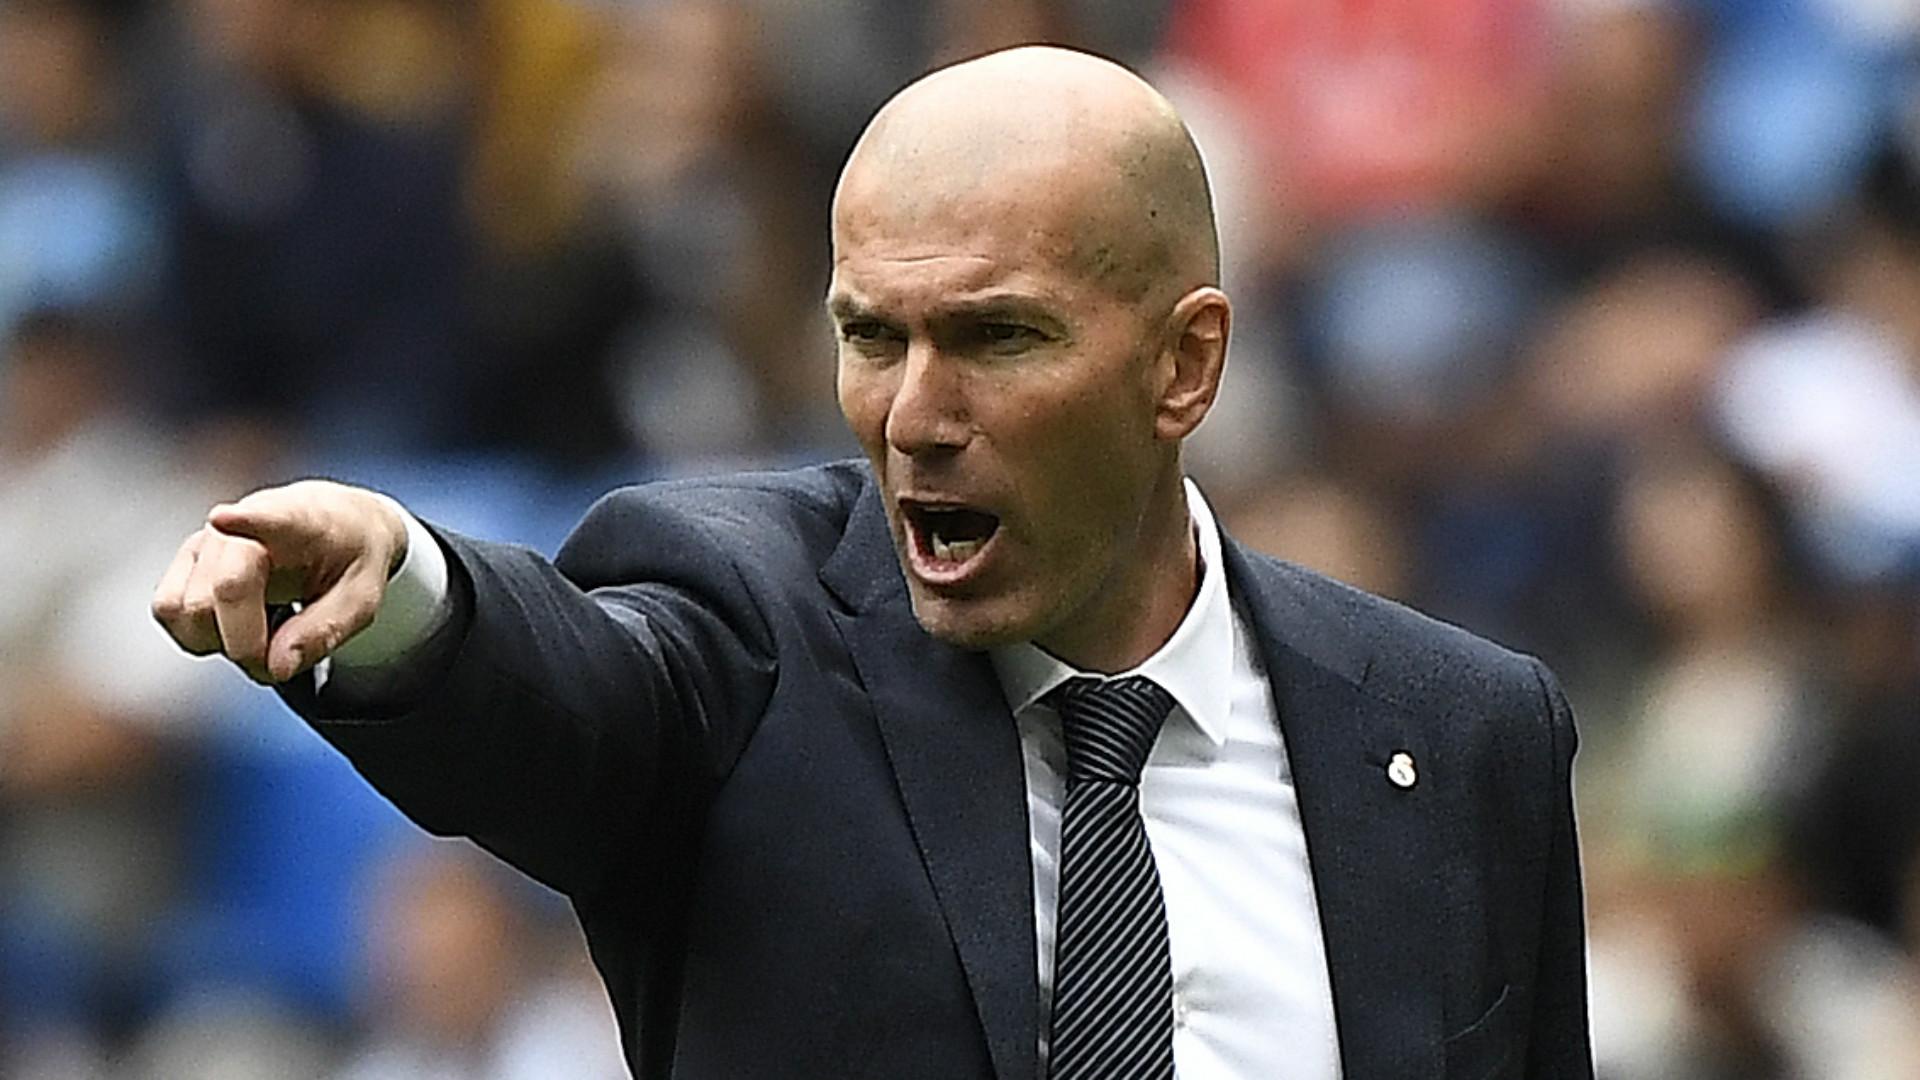 Allenatore Juve: Ronaldo boccia Conte e spinge per Zidane